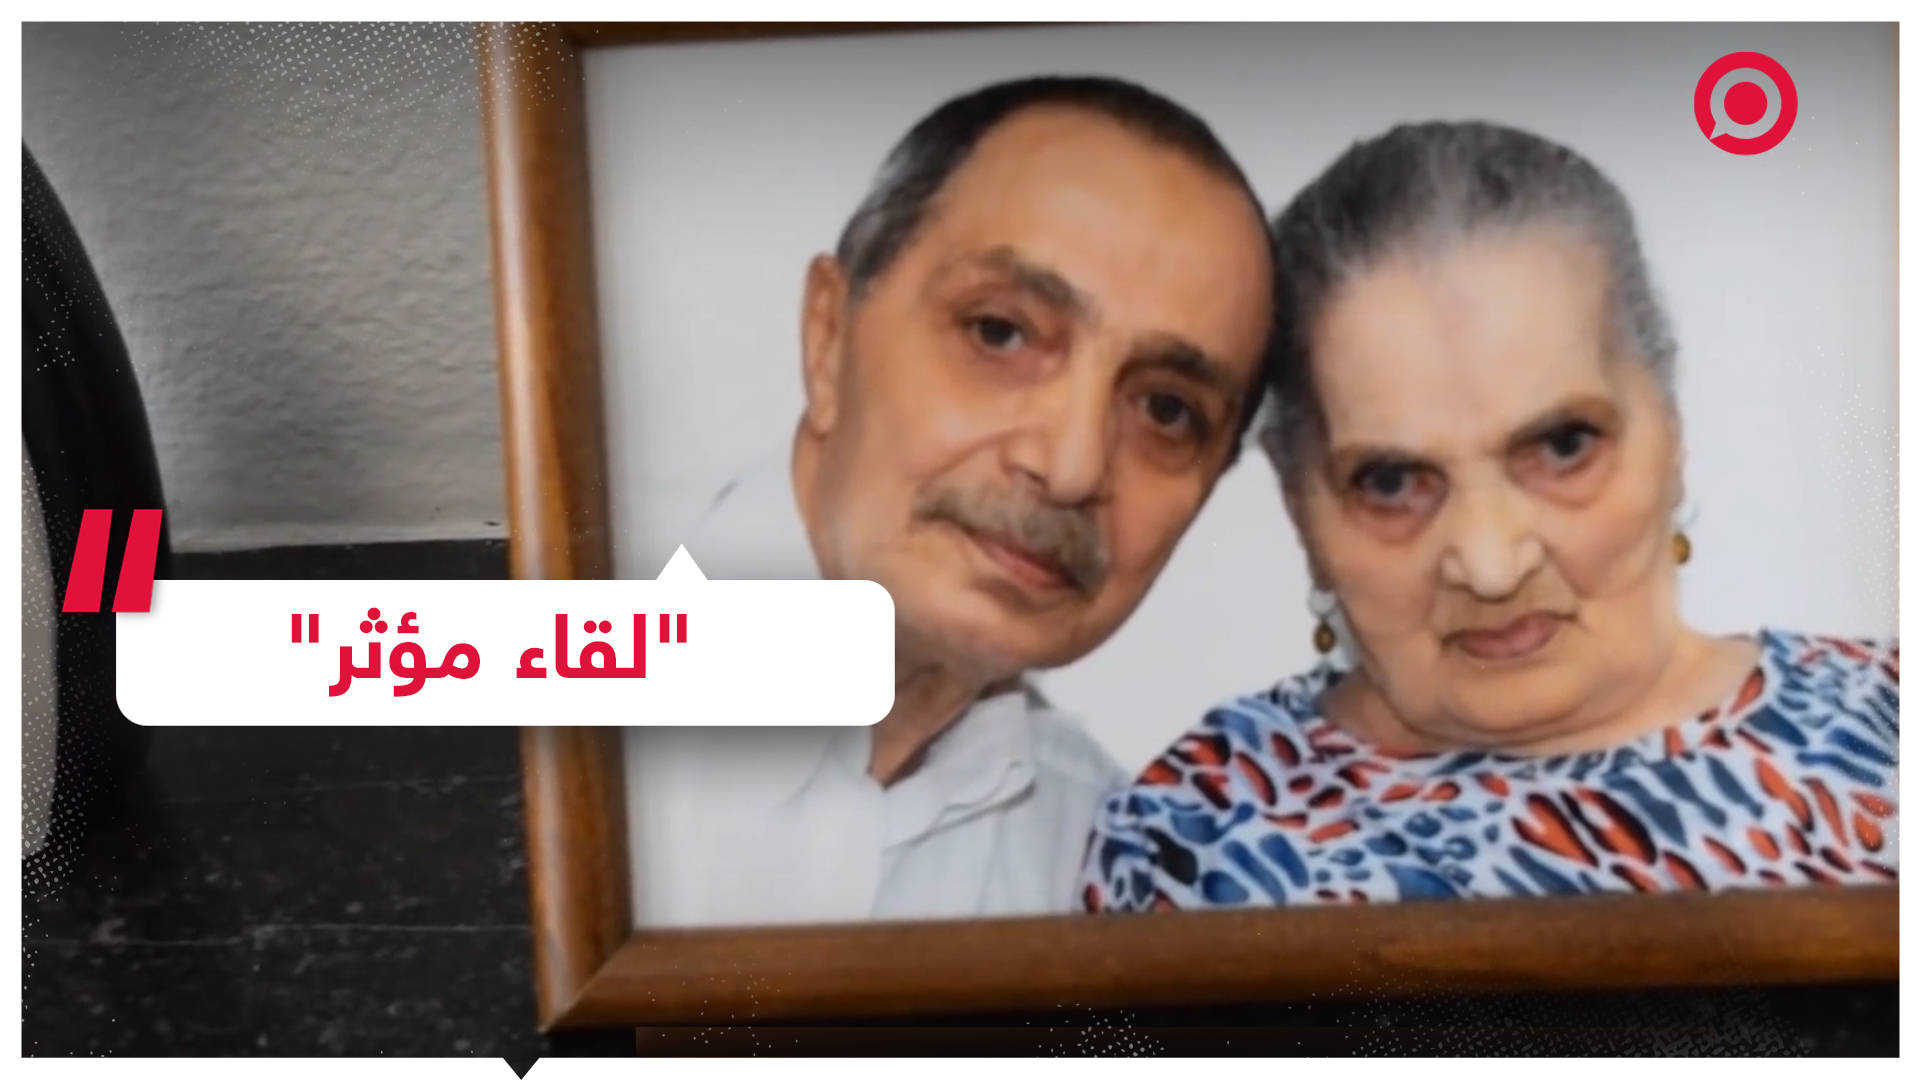 قصة مؤثرة لجزائري عثر على والدته بعد 73 عاما من الفراق